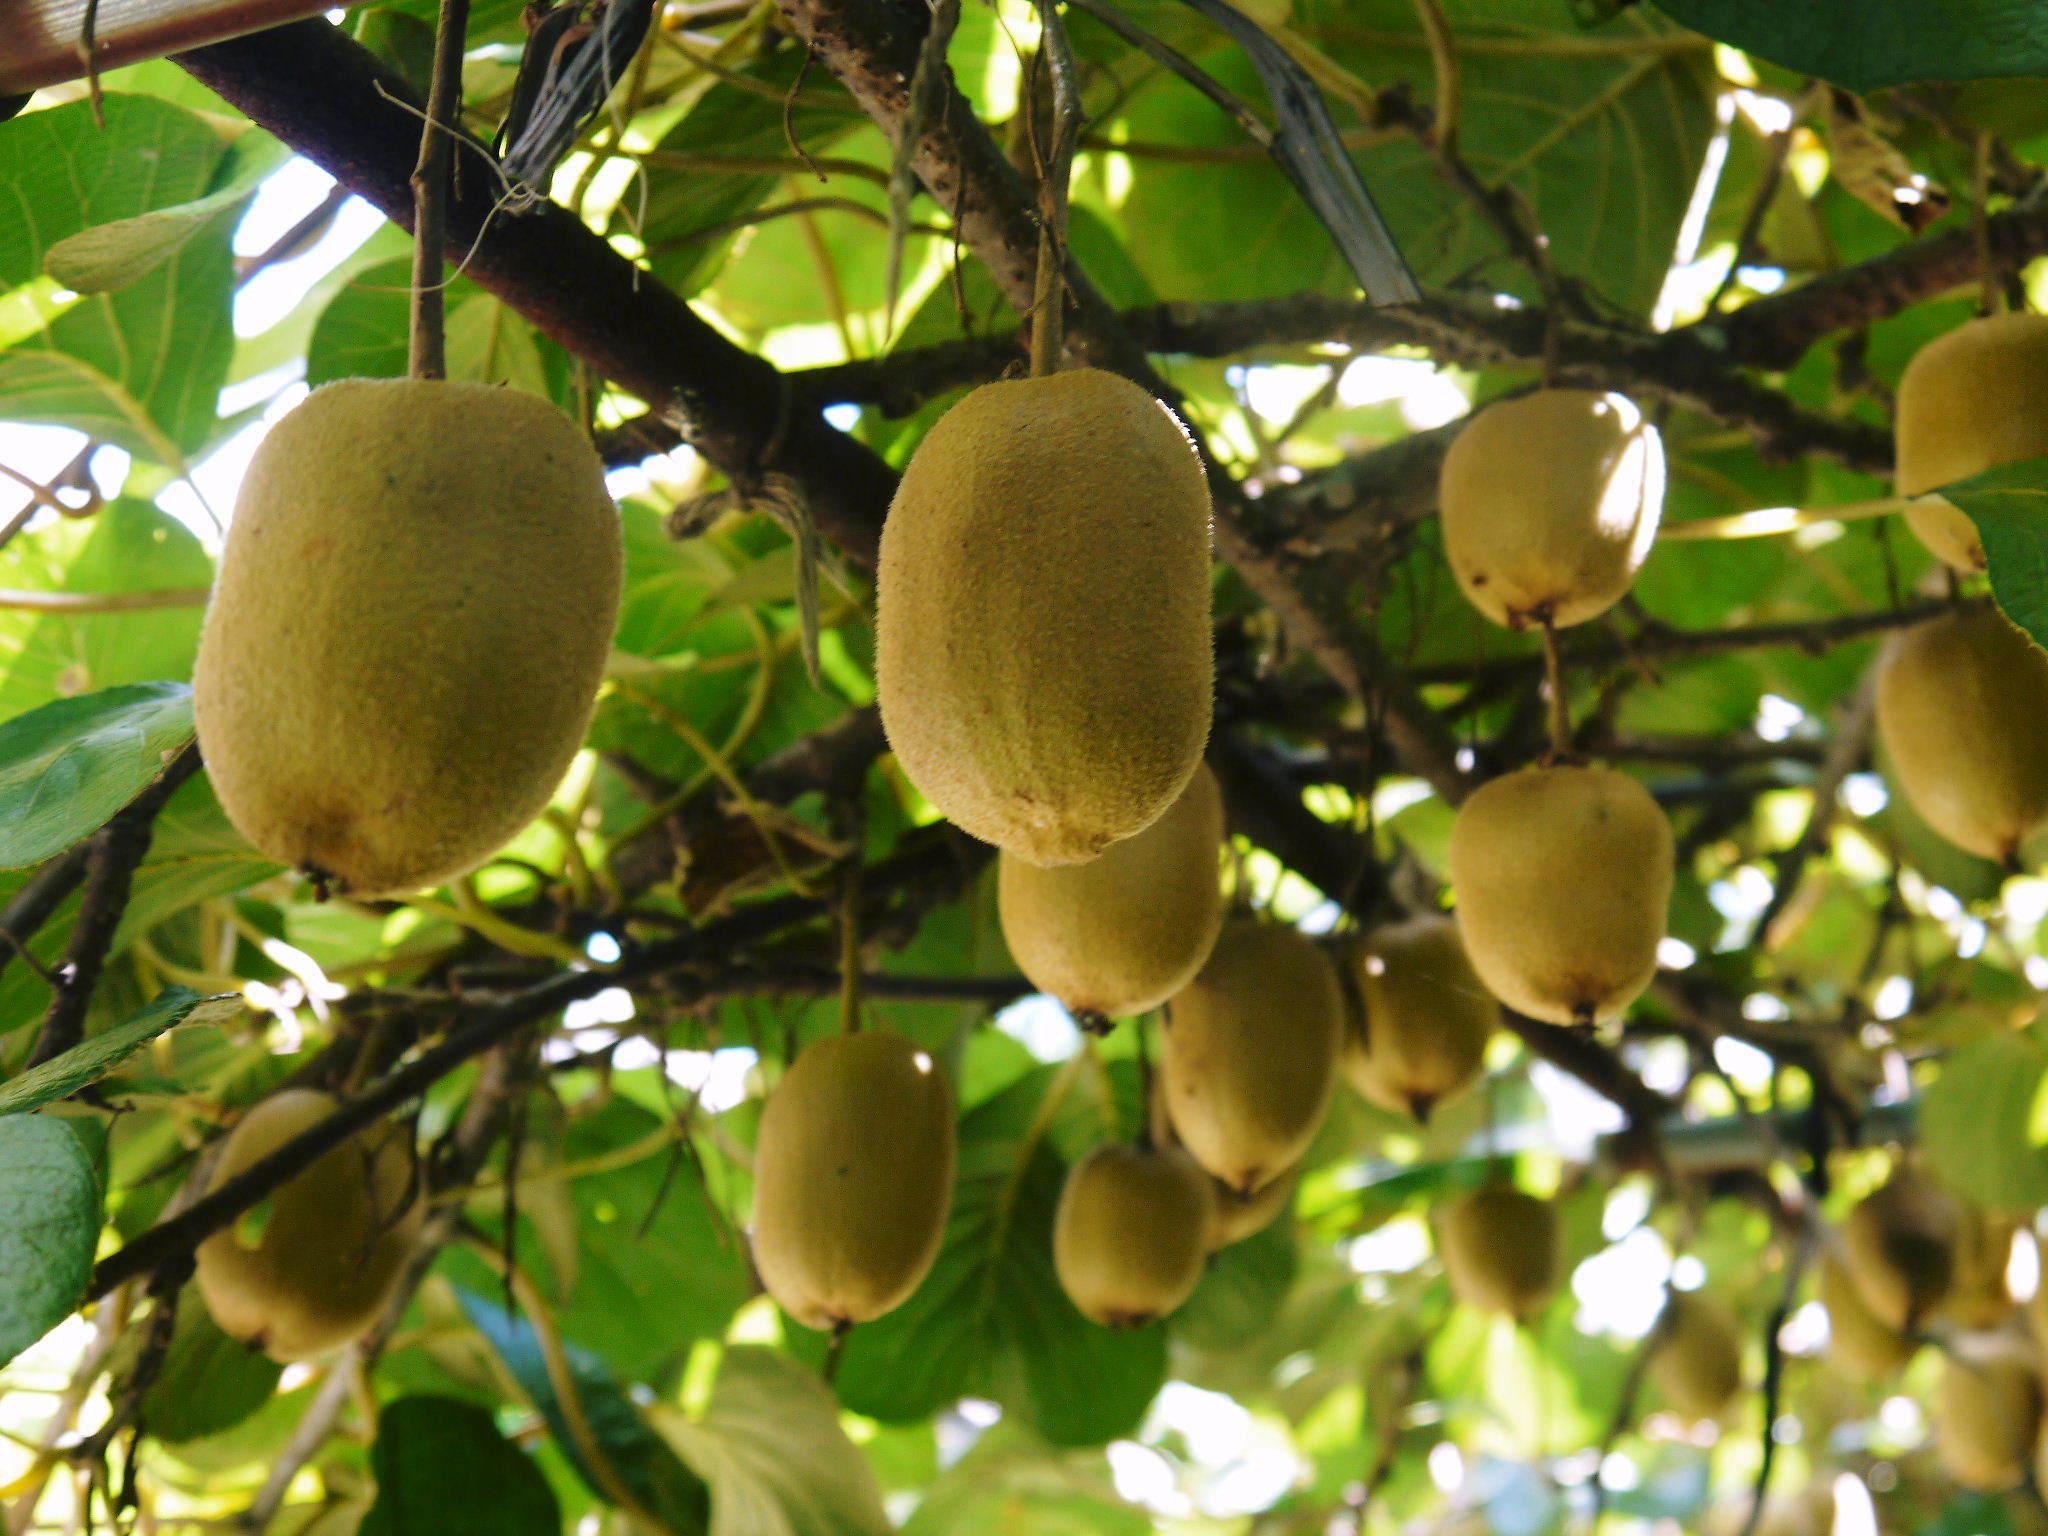 水源キウイ 11月中旬からの収穫に向け、しっかりと手をかけ育てます!キウイフルーツは冬の果物です!_a0254656_18163837.jpg